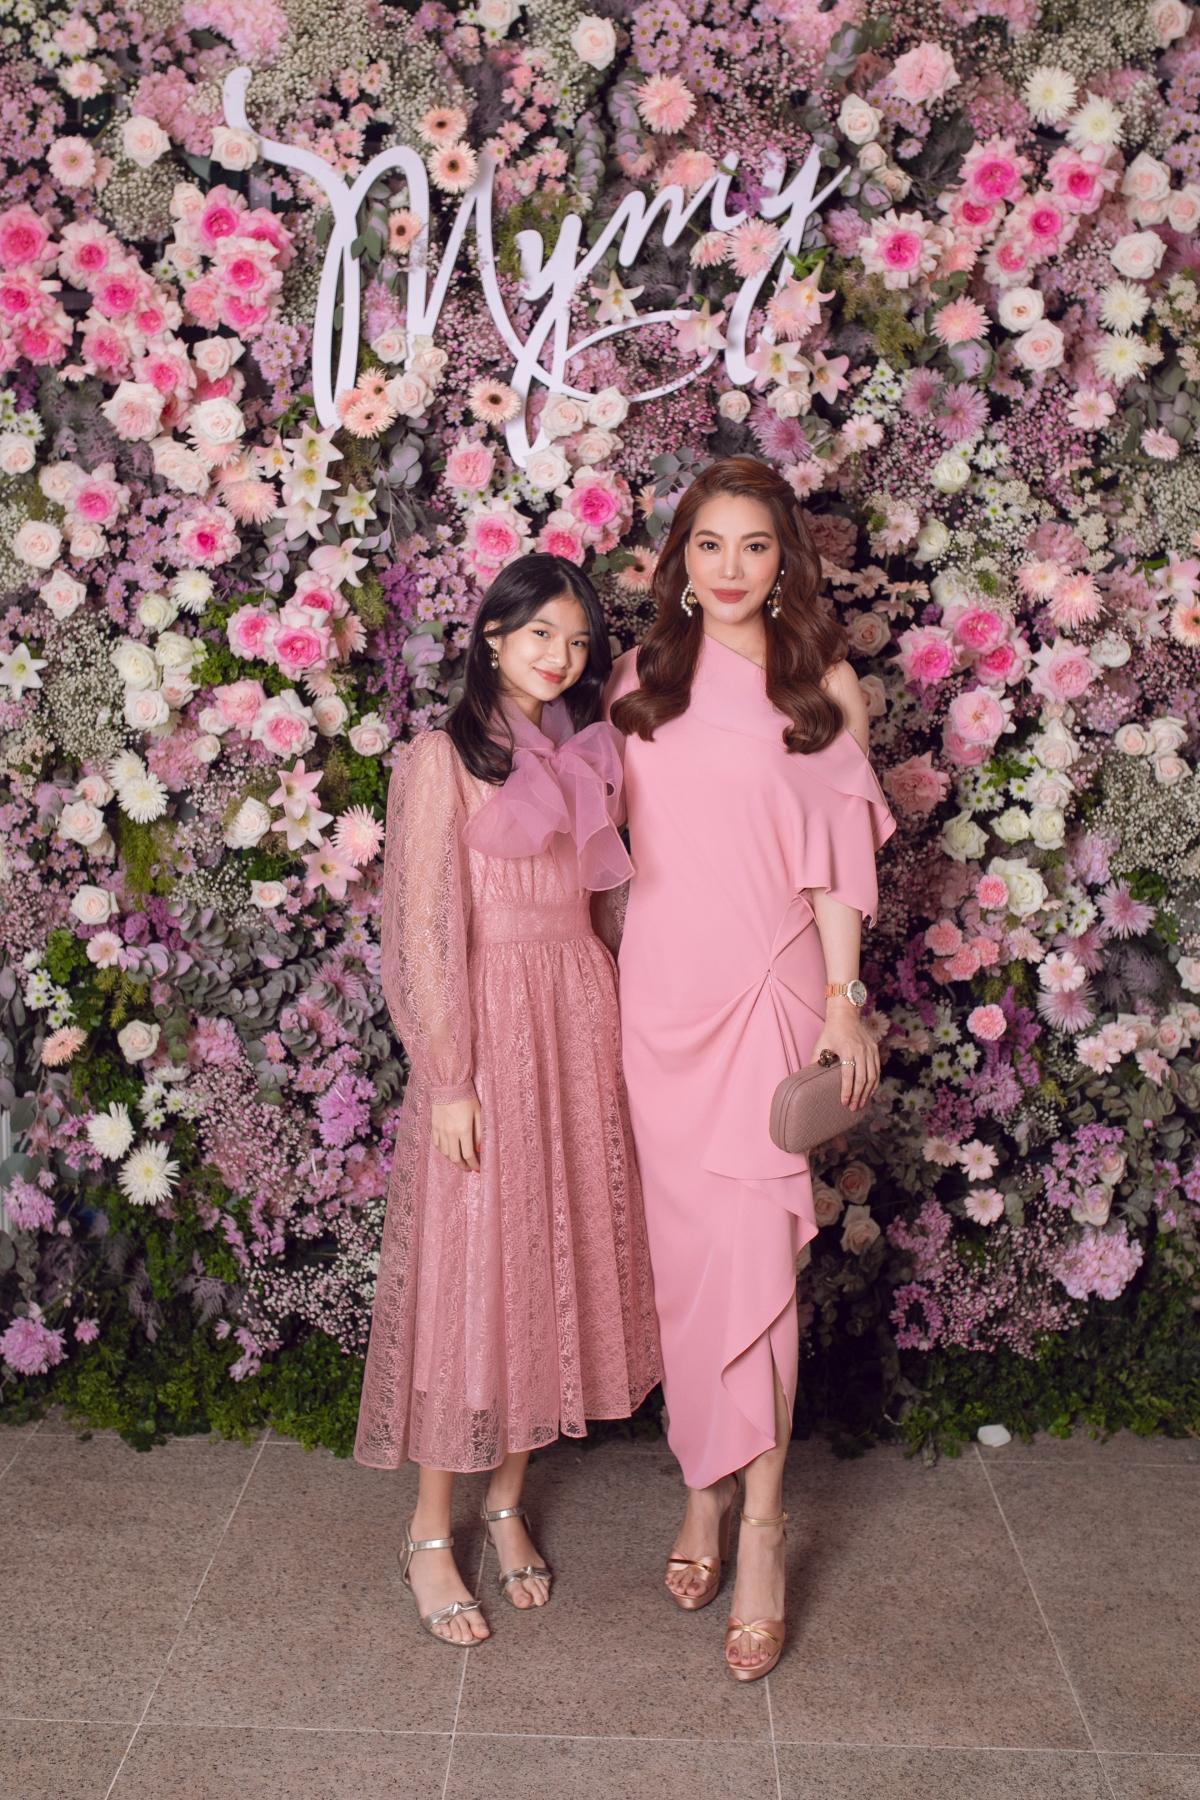 Diễn viên Trương Ngọc Ánh dự tiệc cùng con gái Bảo Tiên. Gần đây, haimẹ con nữ diễn viên thường gây sốt với những lần xuất hiện cùng nhau,ăn mặc đồng điệu, thời thượng.